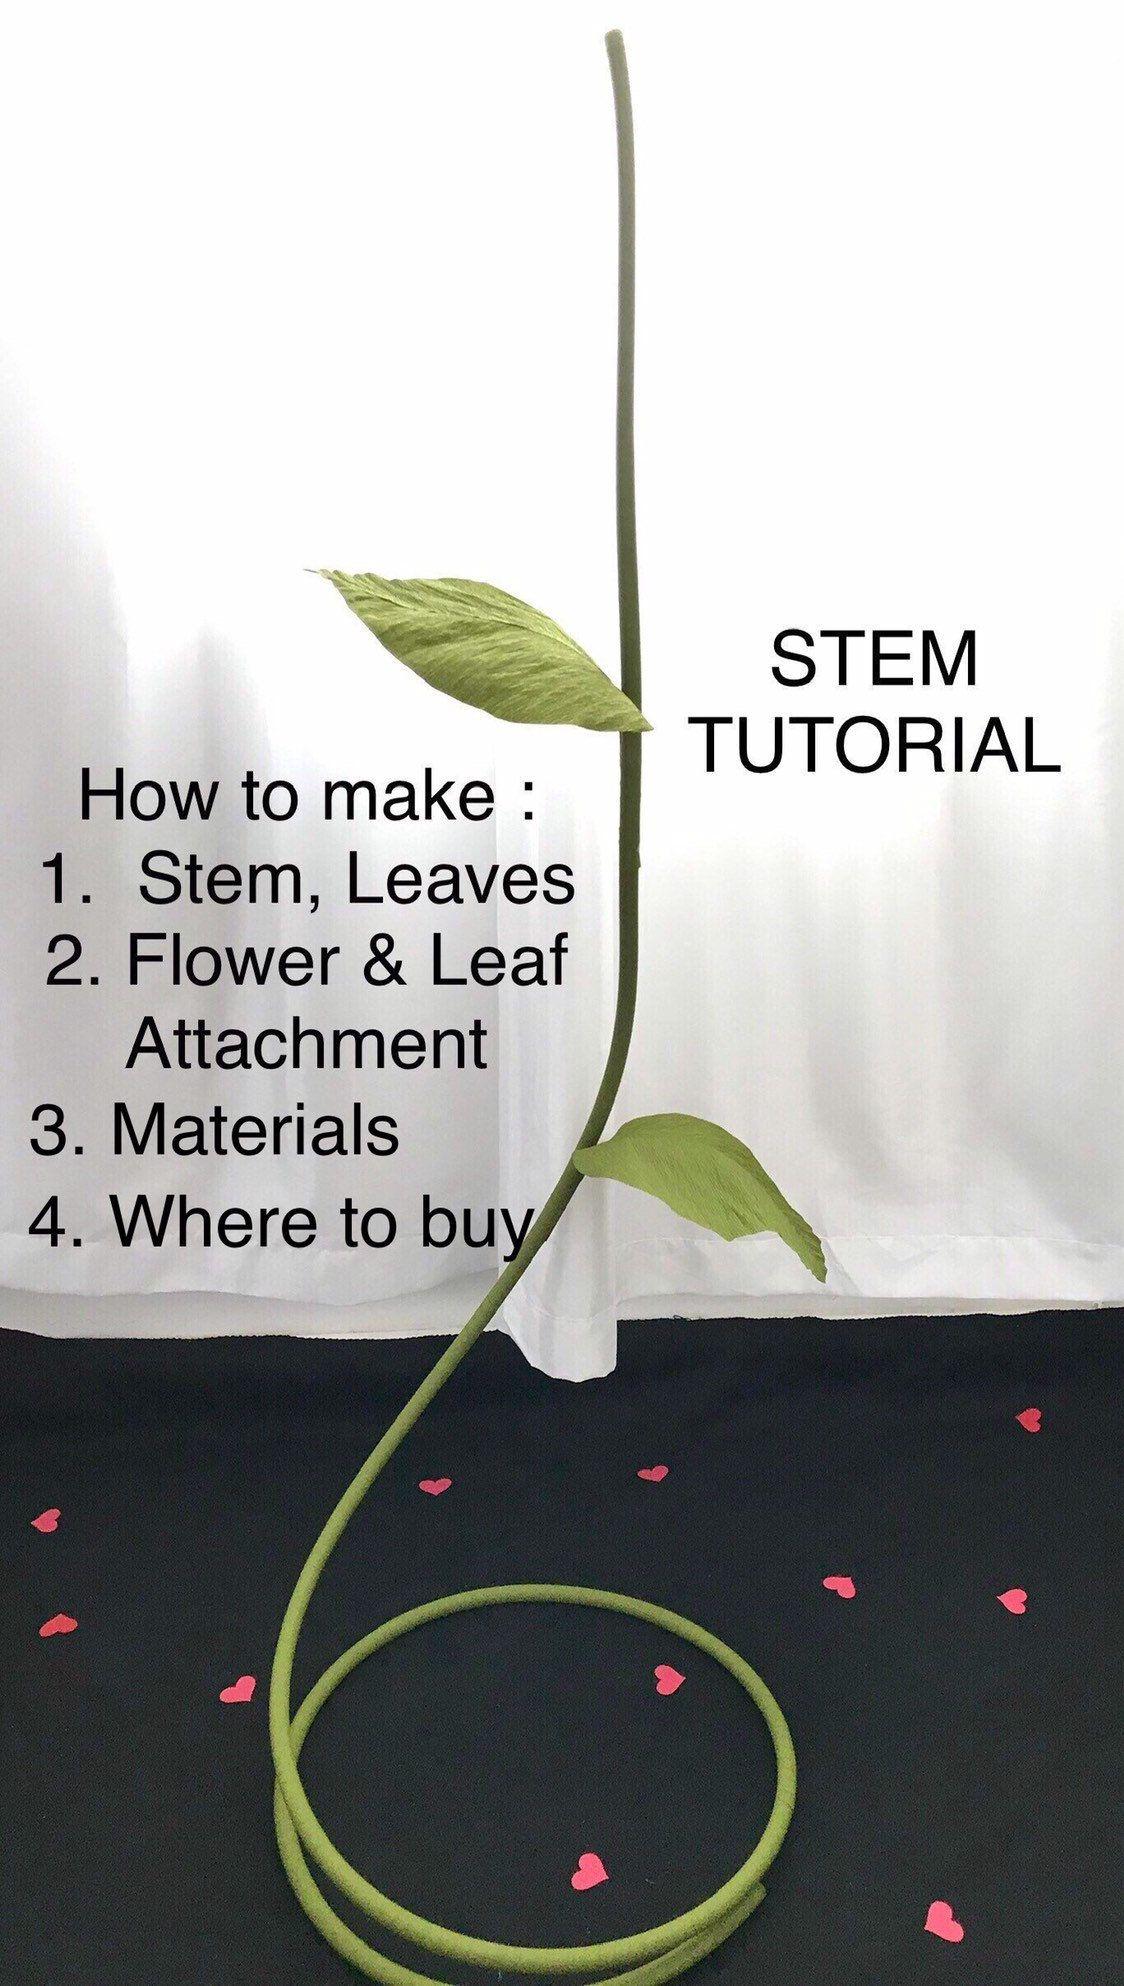 Giant Flower Stem Tutorial, DIY Large Flower Stem, Giant Paper Flower Stand, Stem for Giant Paper Flower, Free Standing Paper Flowers Stem #giantpaperflowers